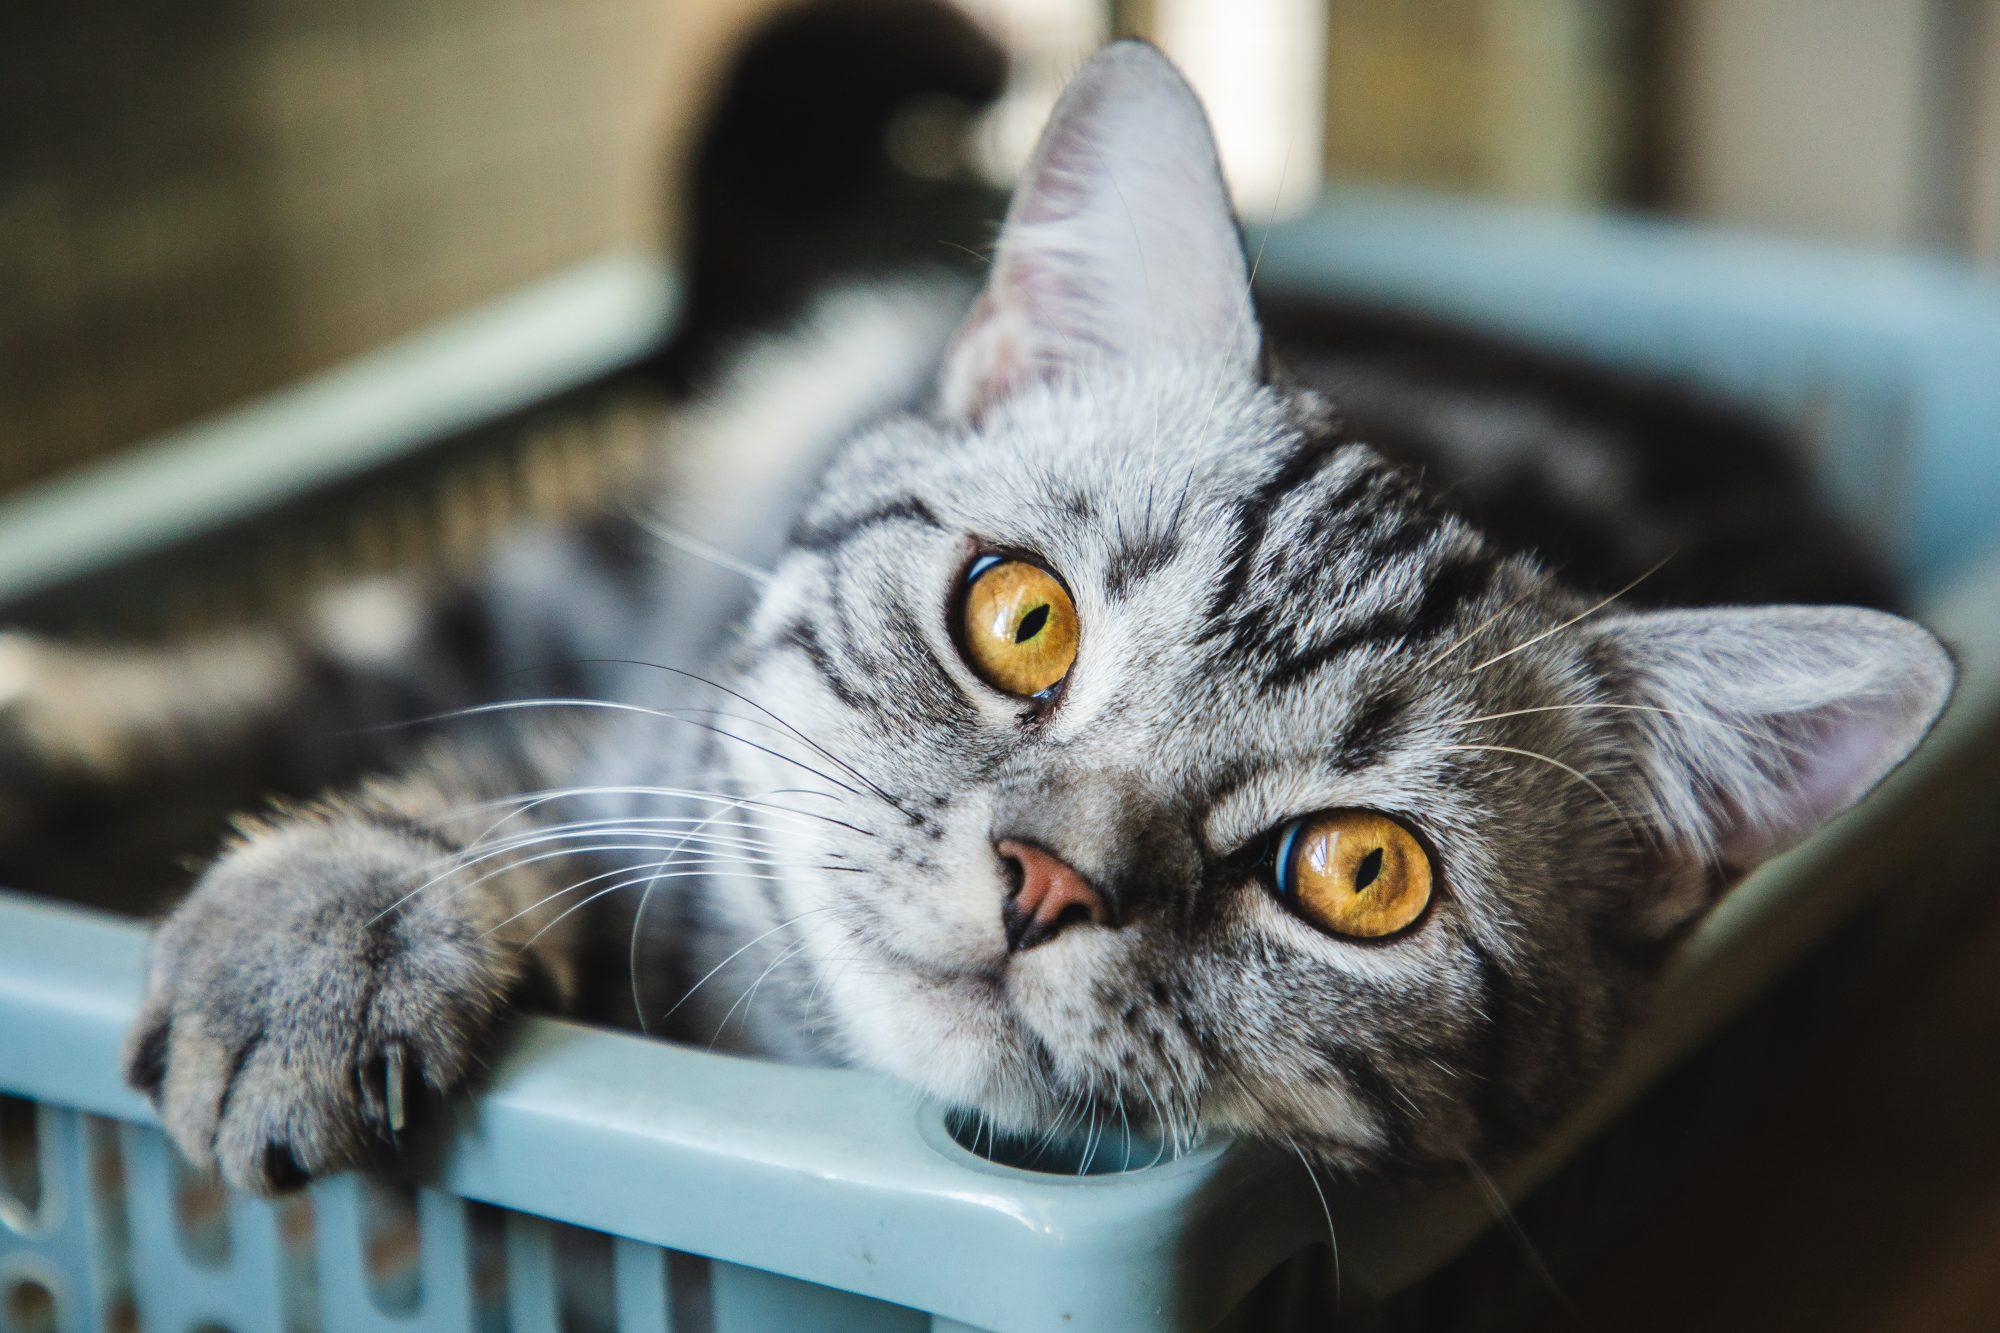 Cat in hamper Getty 8/4/20